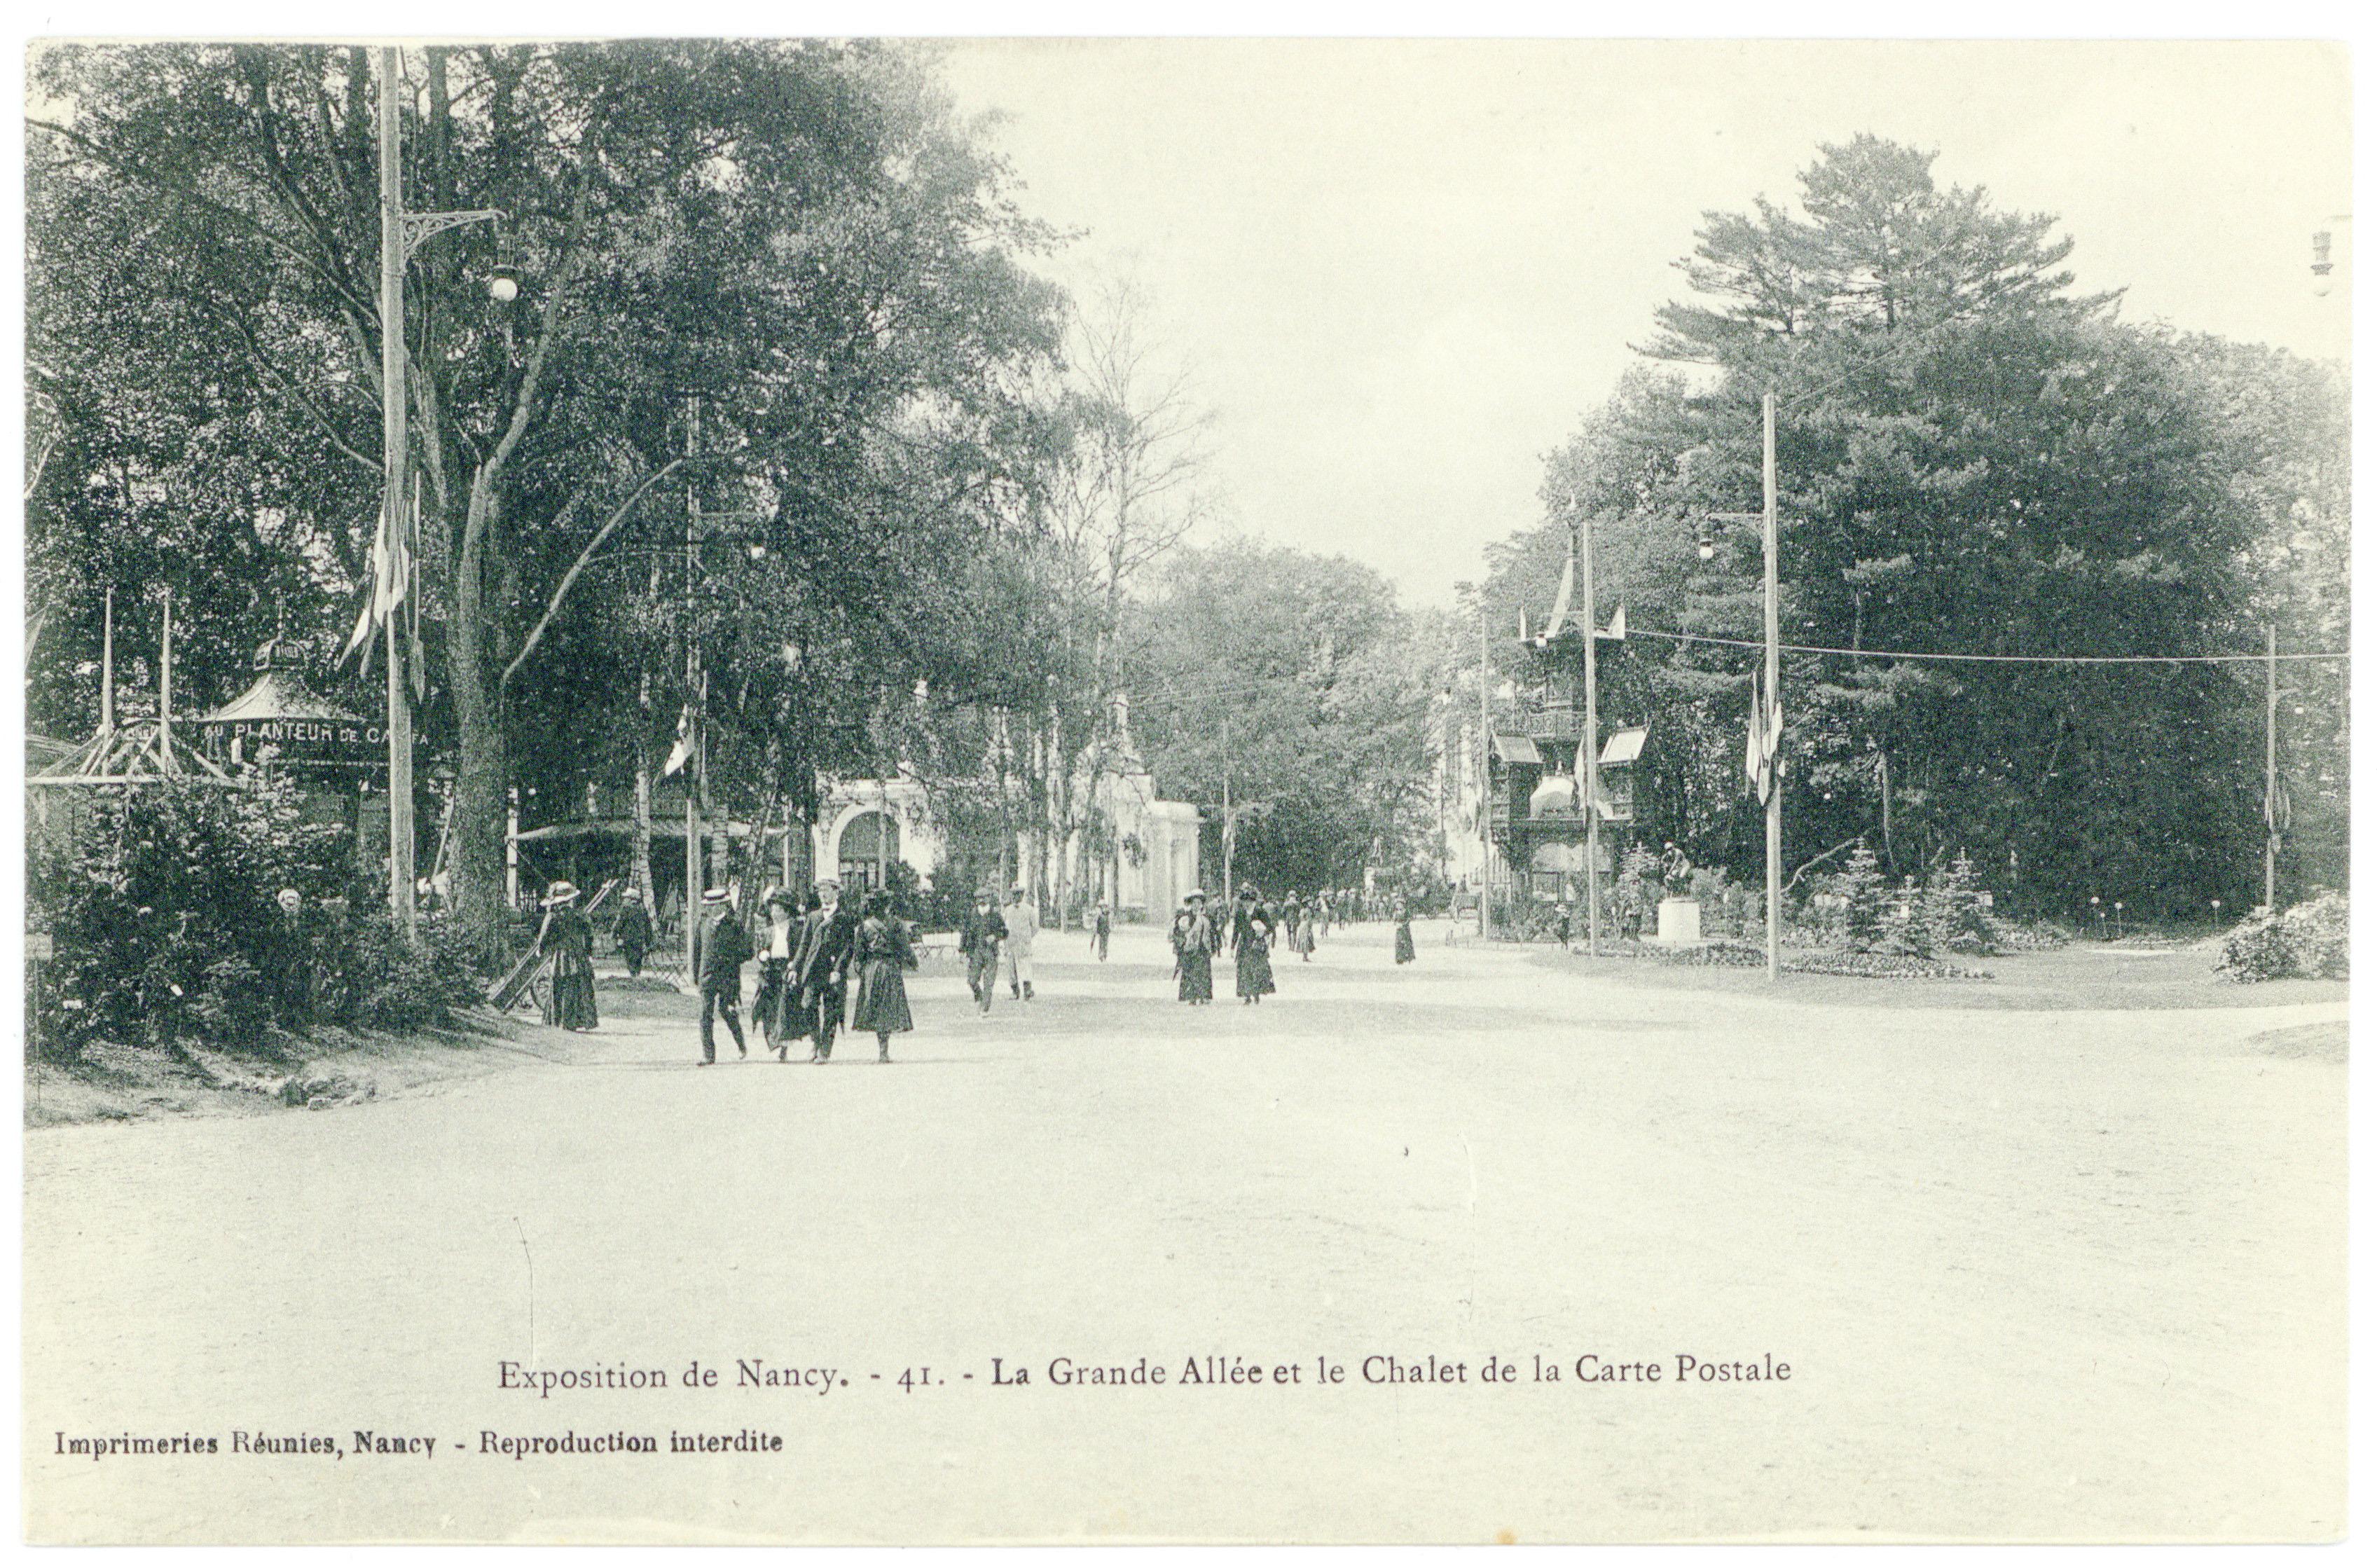 Contenu du La grande allée et le chalet de la carte postale : exposition de Nancy